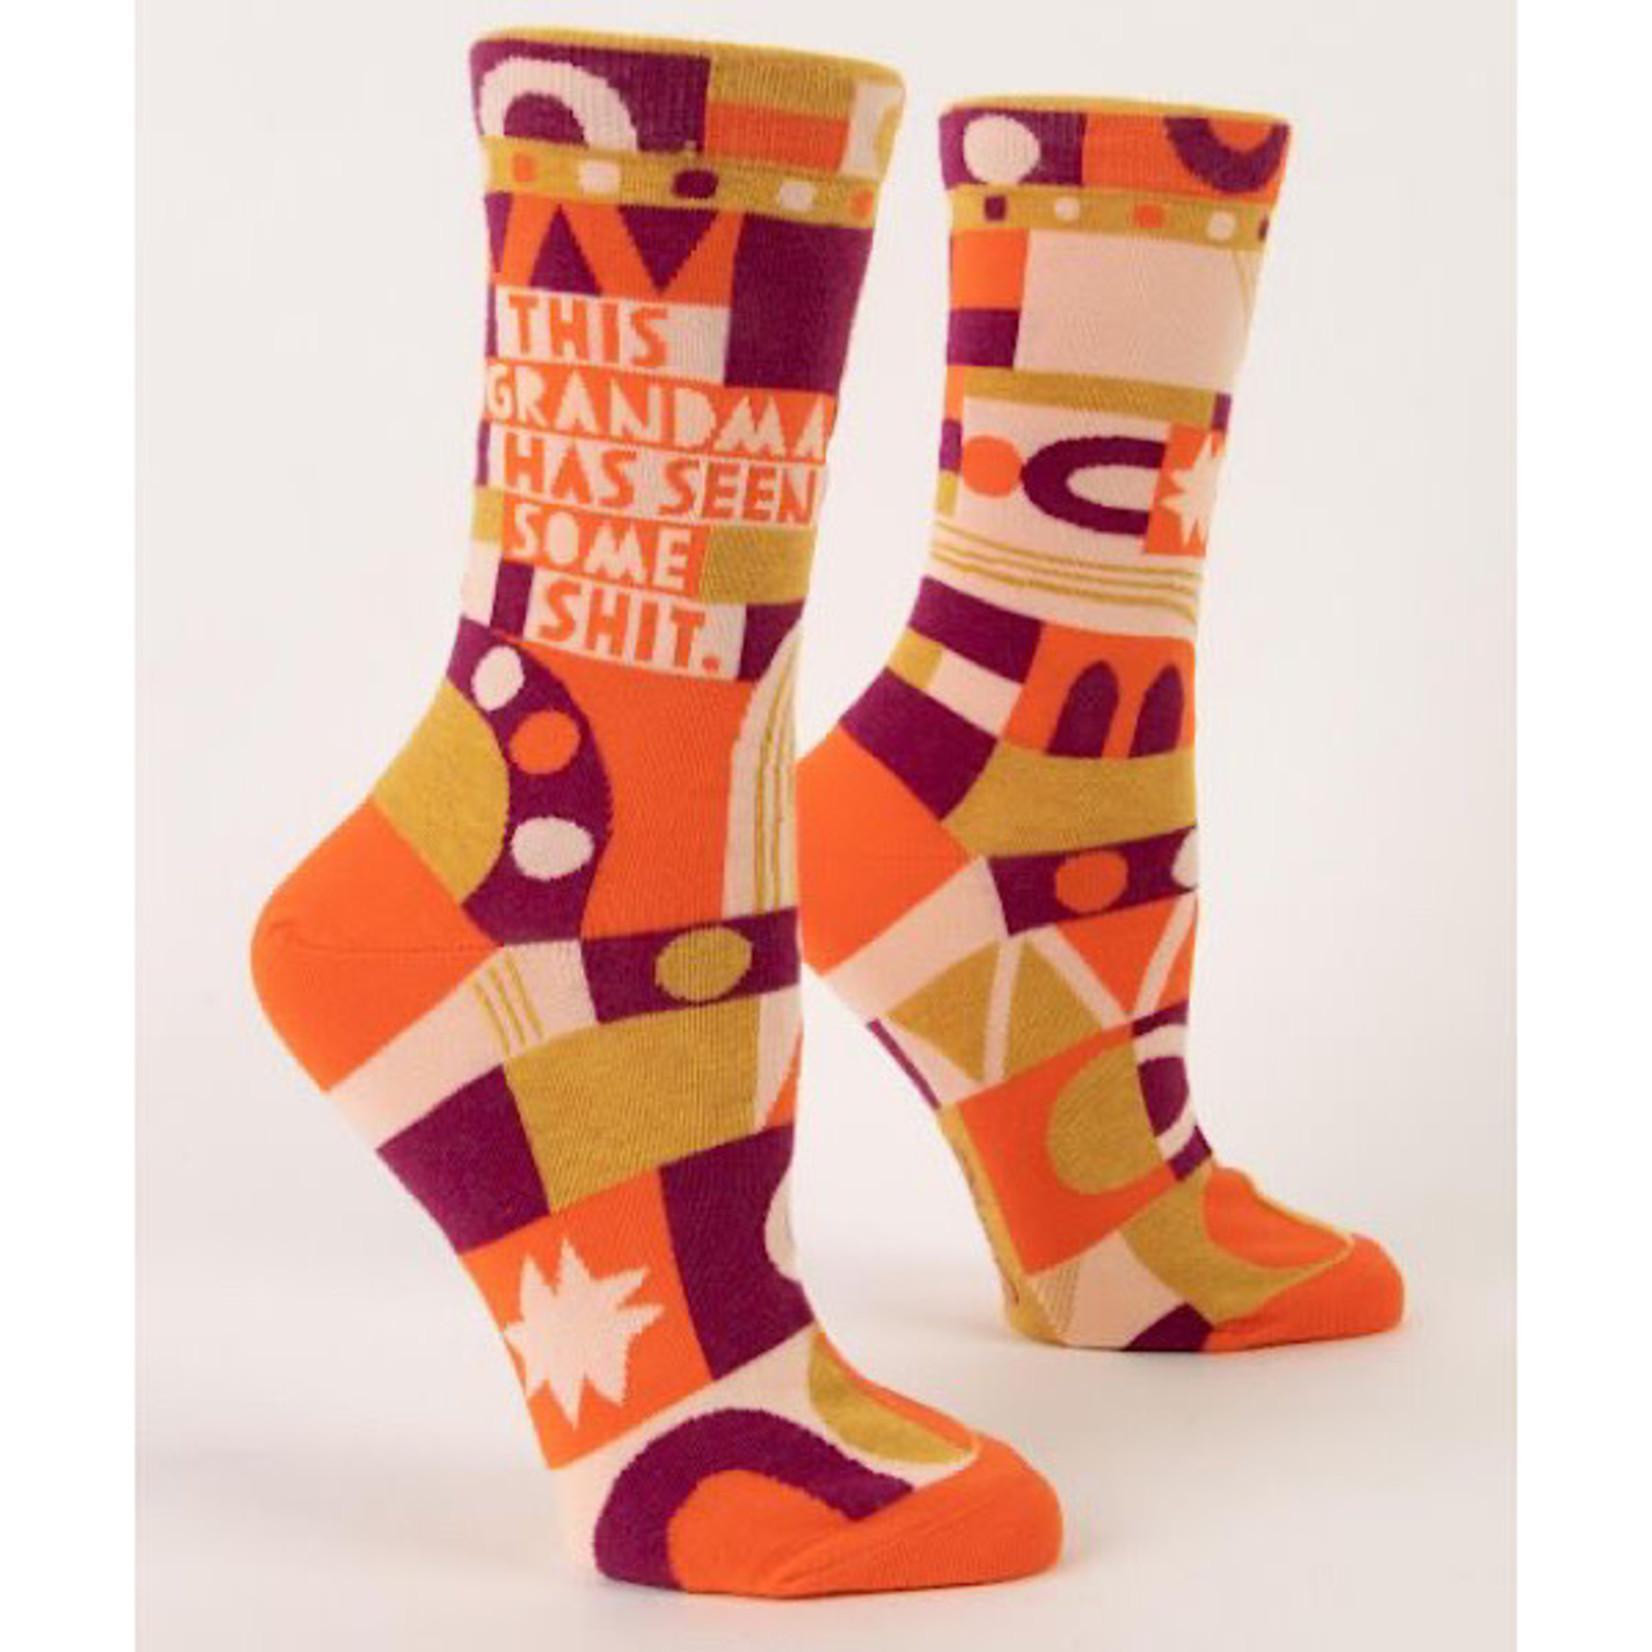 Socks (Womens) - This Grandma Has Seen Some Shit